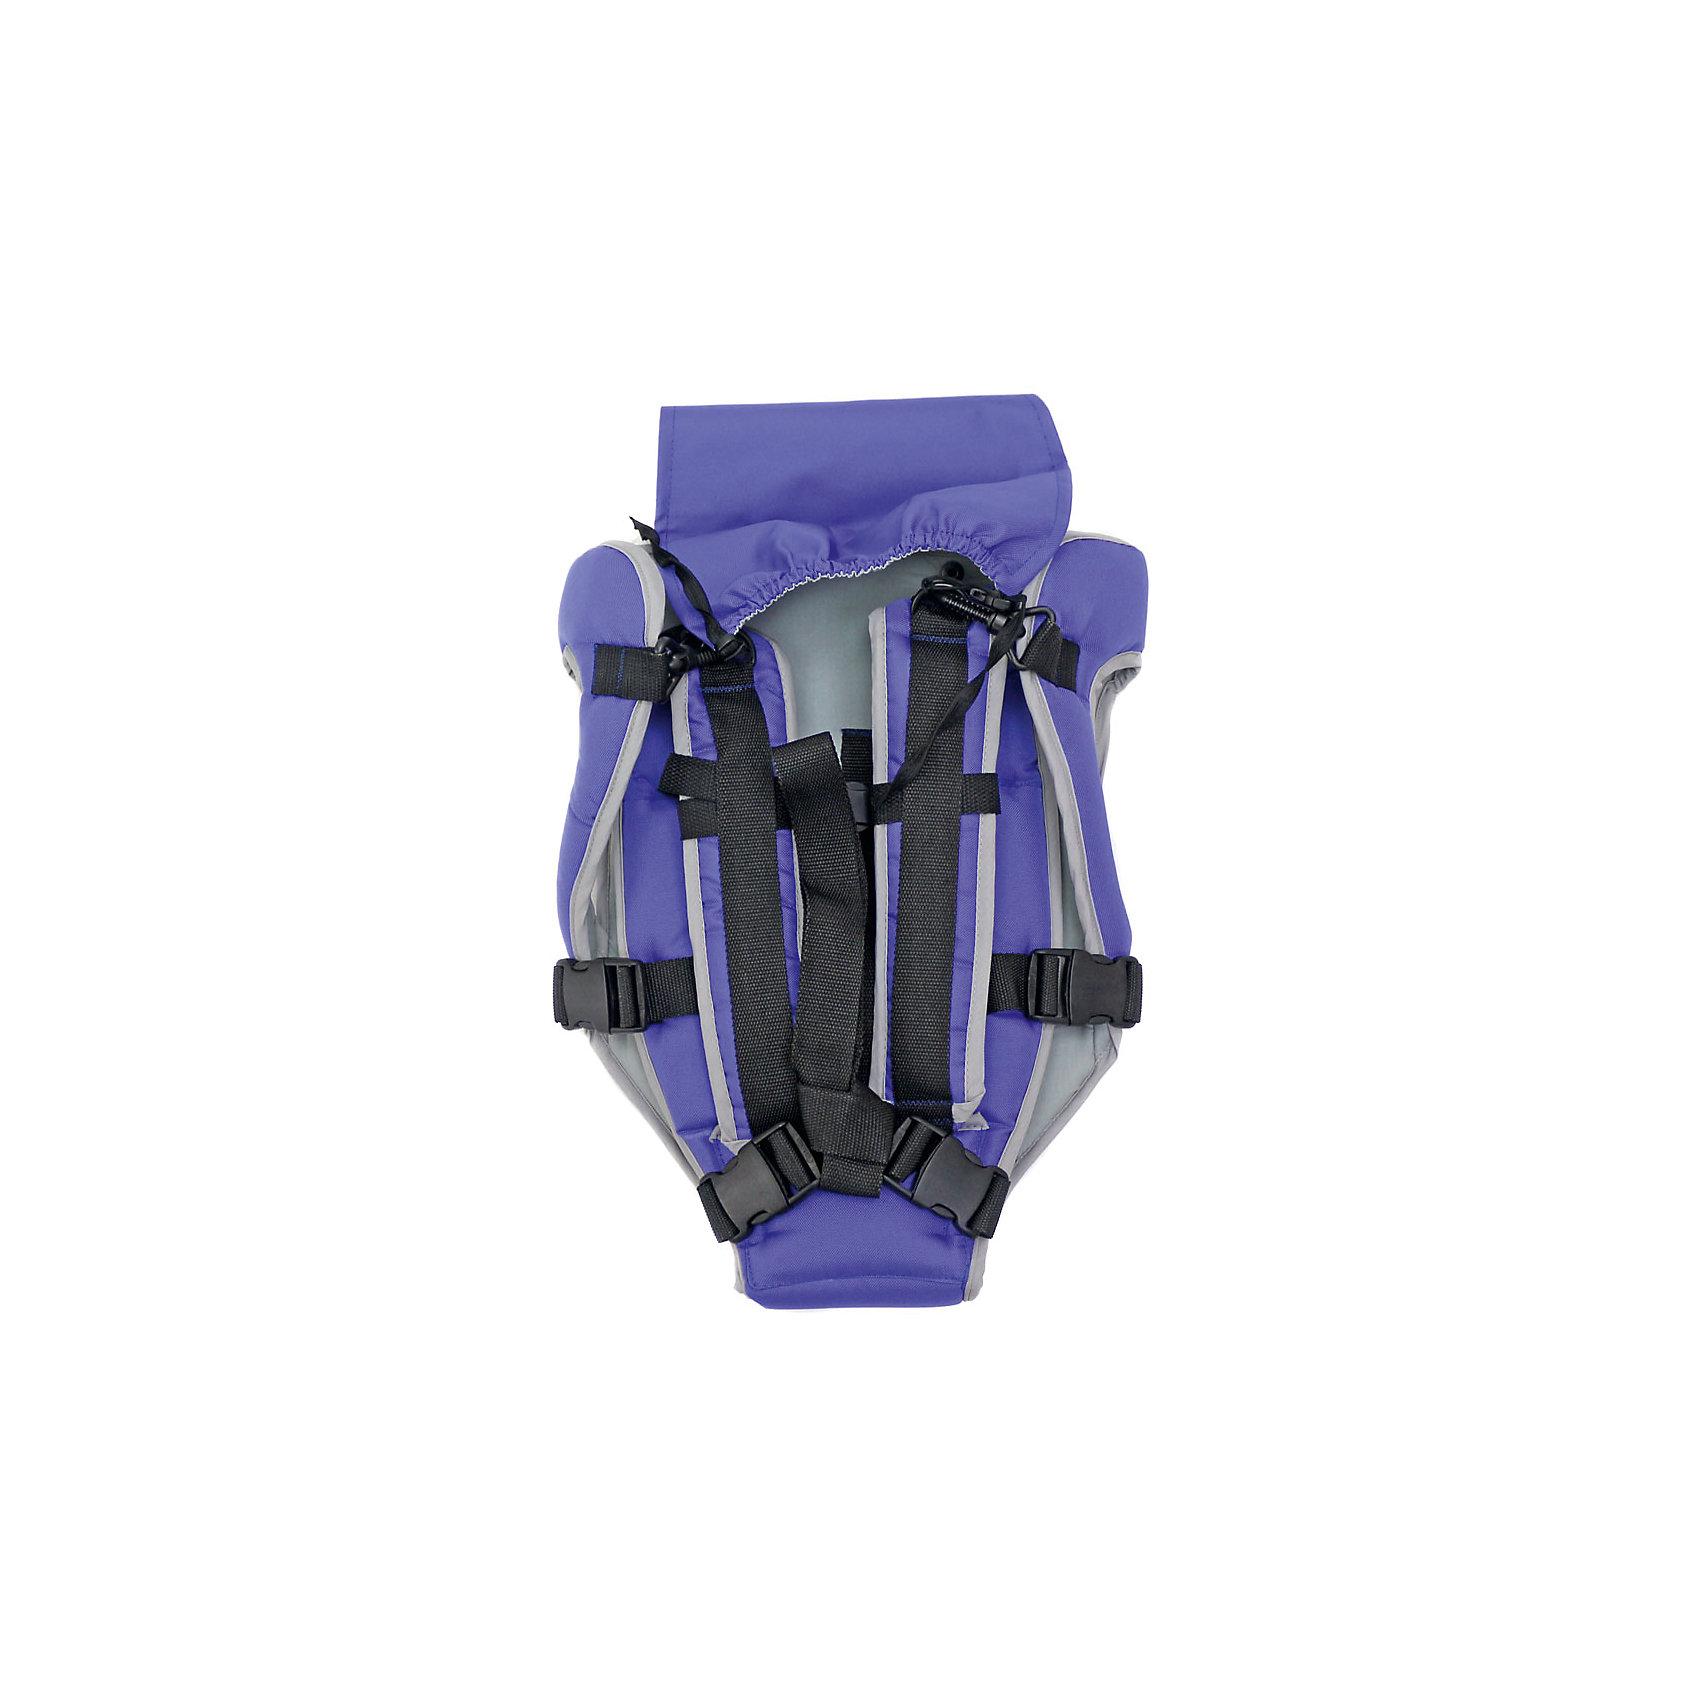 Рюкзак-кенгуру Универсал, Топотушки, фиолетовый